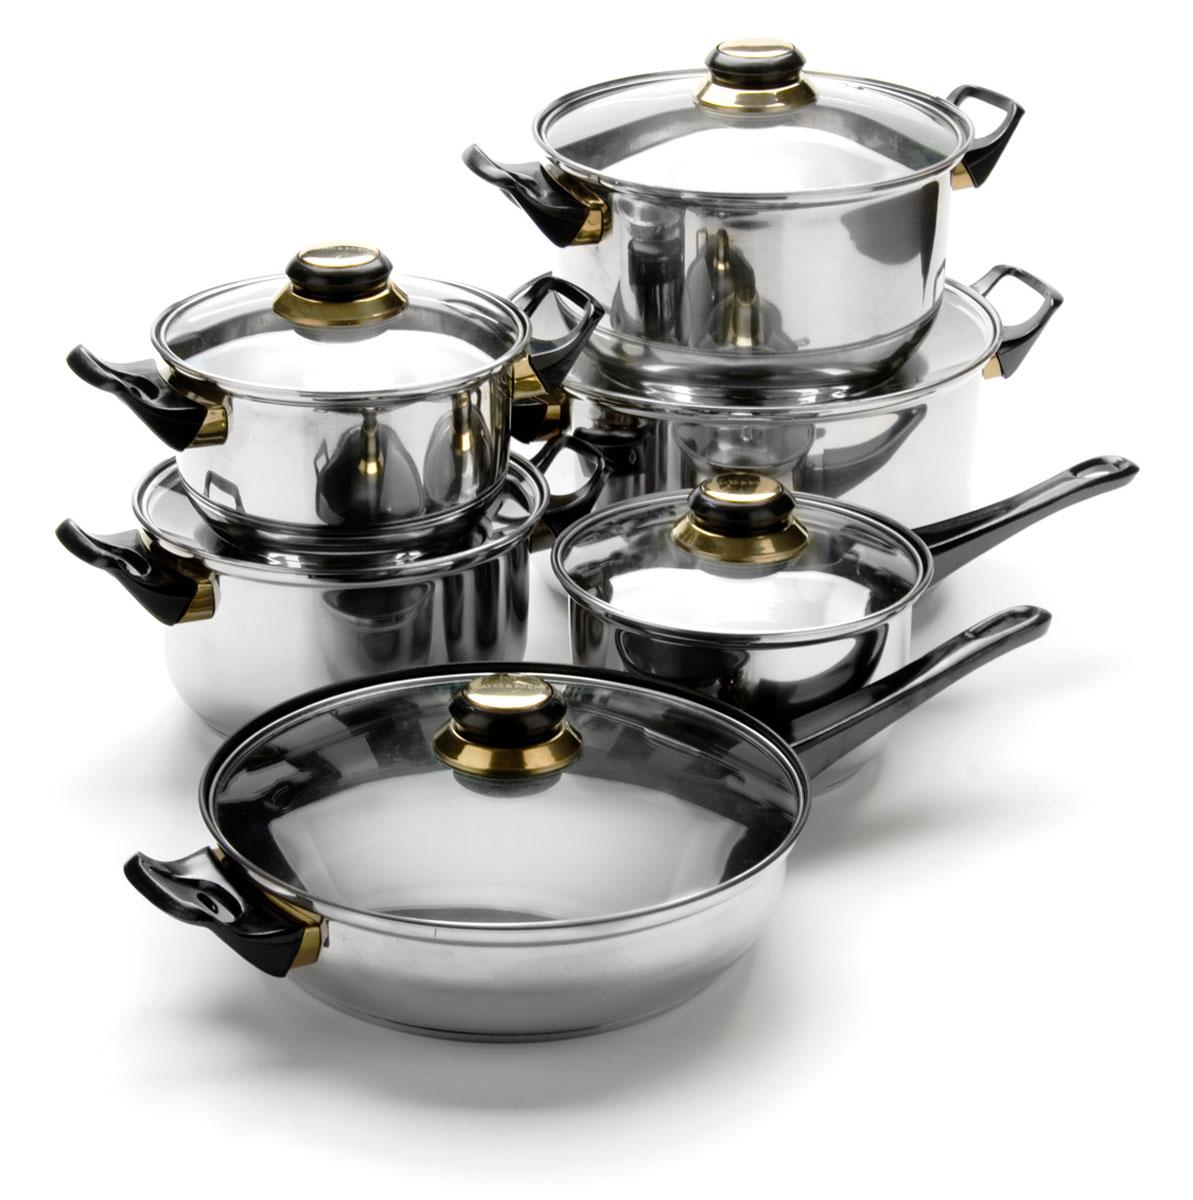 Набор посуды Mayer & Boch, 12 предметов. 60776077Набор посуды станет отличным дополнением к набору кухонной утвари. С его приобретением приготовление ваших любимых блюд перейдет на качественно новый уровень и вы сможете воплотить в жизнь любые кулинарные идеи. В комплект входят 12 предметов: ковш (объем 1,9 л), сковорода (объем 4 л), 4 кастрюли (объем 1,9, 2,8, 3,6, 5,5 л), 6 крышек. Набор многофункционален и удобен в использовании, подойдет для варки супов, приготовления блюд из мяса и рыбы, гарниров, соусов т. д.